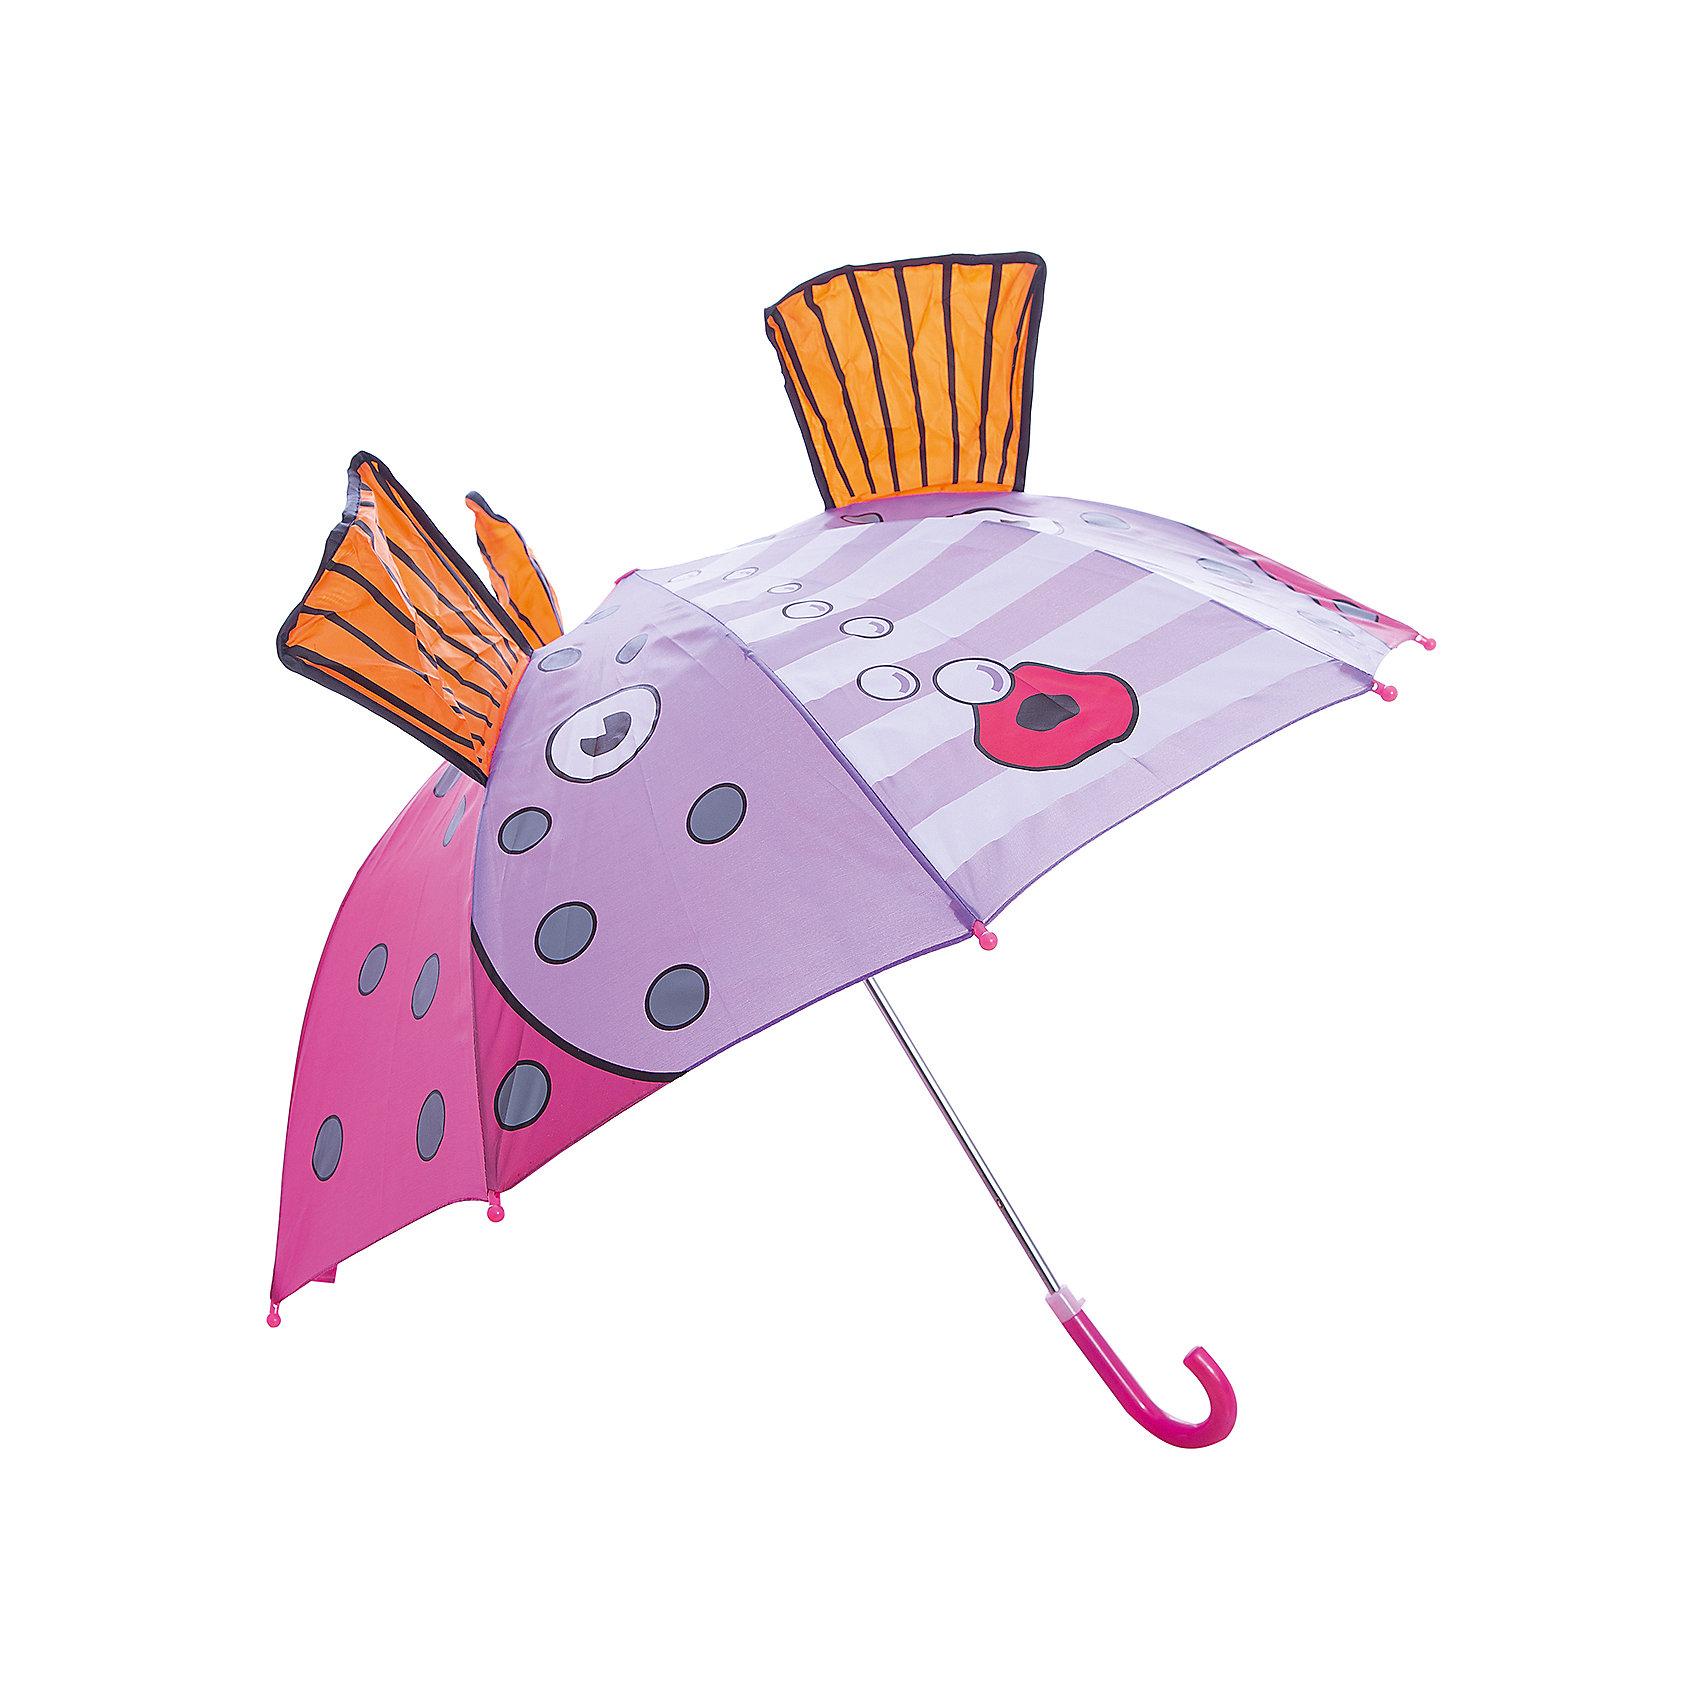 Зонт детский Золотая рыбка, 46см.Зонты детские<br>Яркий и удобный зонтик для малышей Золотая рыбка. Радиус: 46 см. Длина ручки: 57 см.<br><br>Ширина мм: 580<br>Глубина мм: 700<br>Высота мм: 400<br>Вес г: 245<br>Возраст от месяцев: 36<br>Возраст до месяцев: 2147483647<br>Пол: Женский<br>Возраст: Детский<br>SKU: 5508510